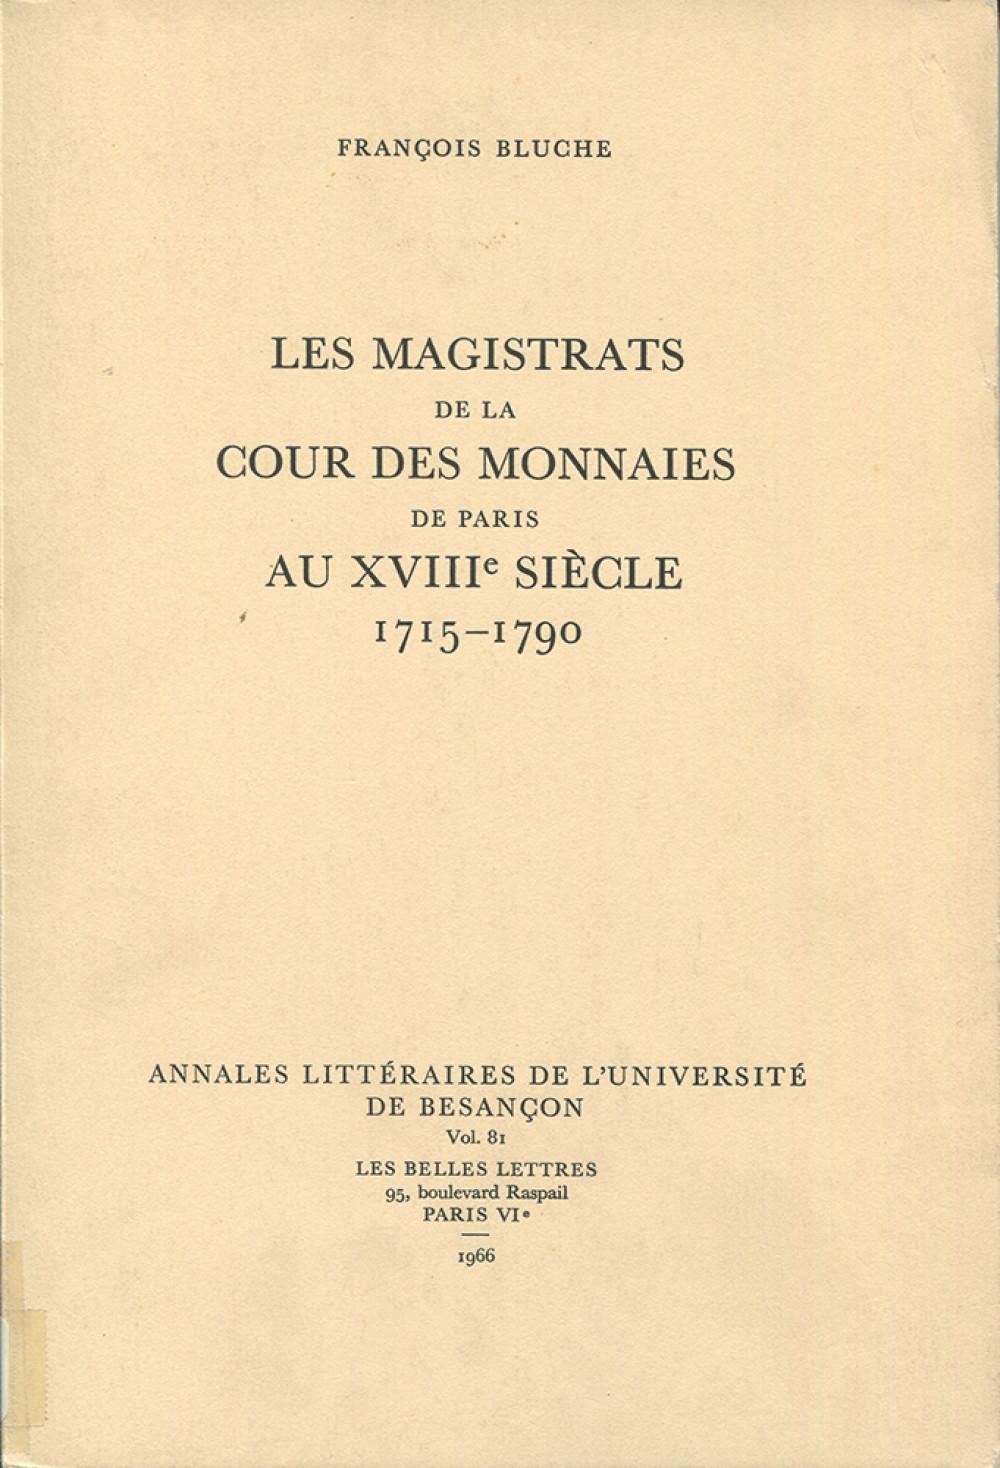 """Les magistrats de la Cour des Monnaies de Paris au <span style=""""font-variant: small-caps"""">XVIII</span><sup>e</sup> siècle (1715-1790)"""